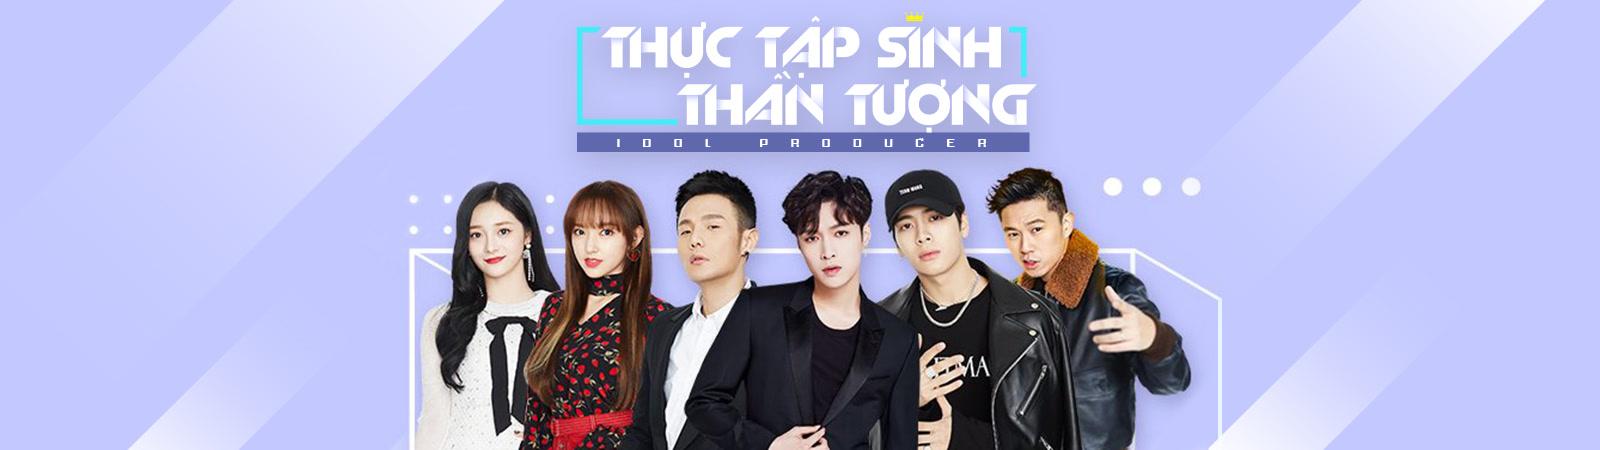 Idol Producer - Thực Tập Sinh Thần Tượng